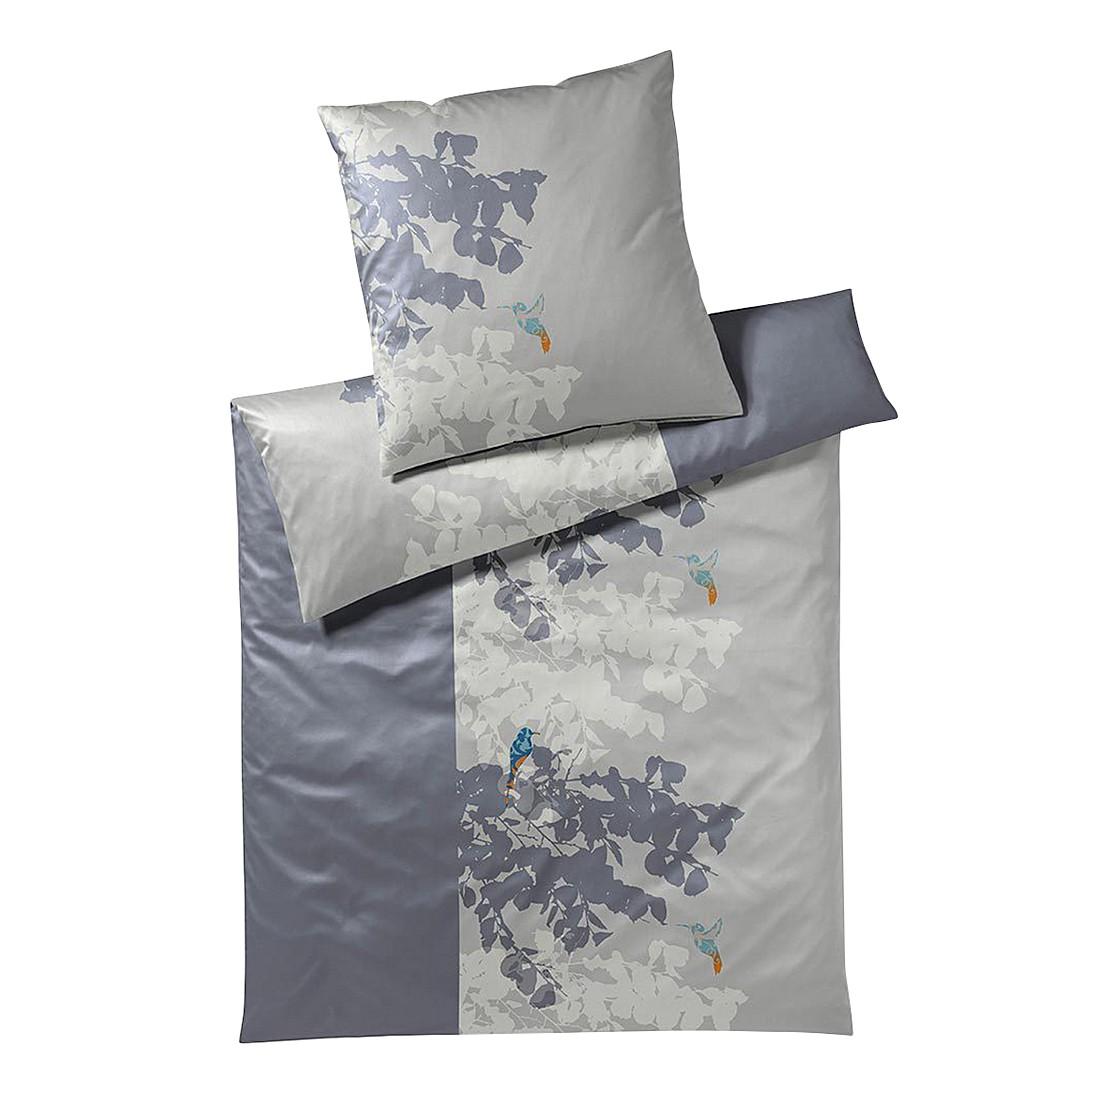 Bettwäsche Sierra Platin – Baumwolle – Mehrfarbig – 155X220 cm + 80X80 cm, Yes for bed online kaufen